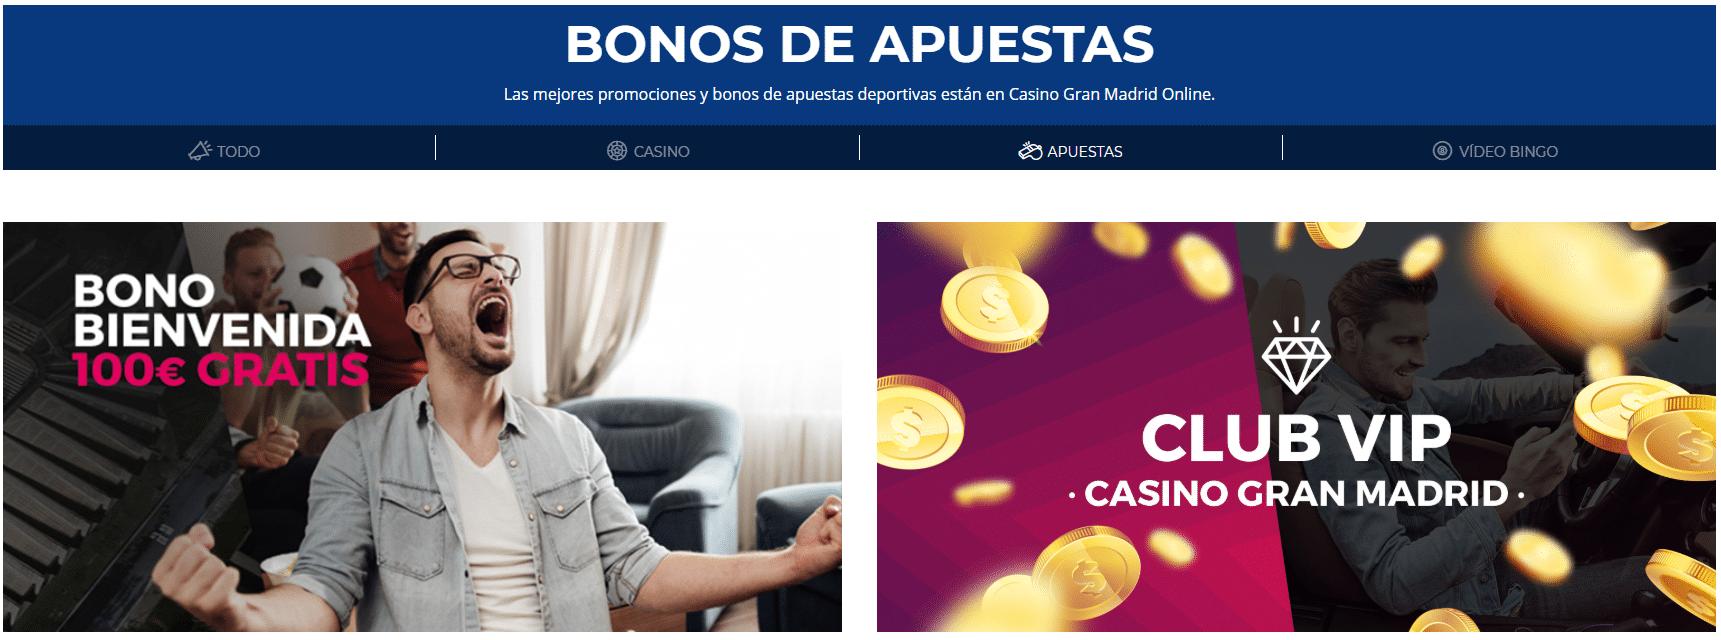 Casino online Madrid apuestas supercuotas Portugal-495186